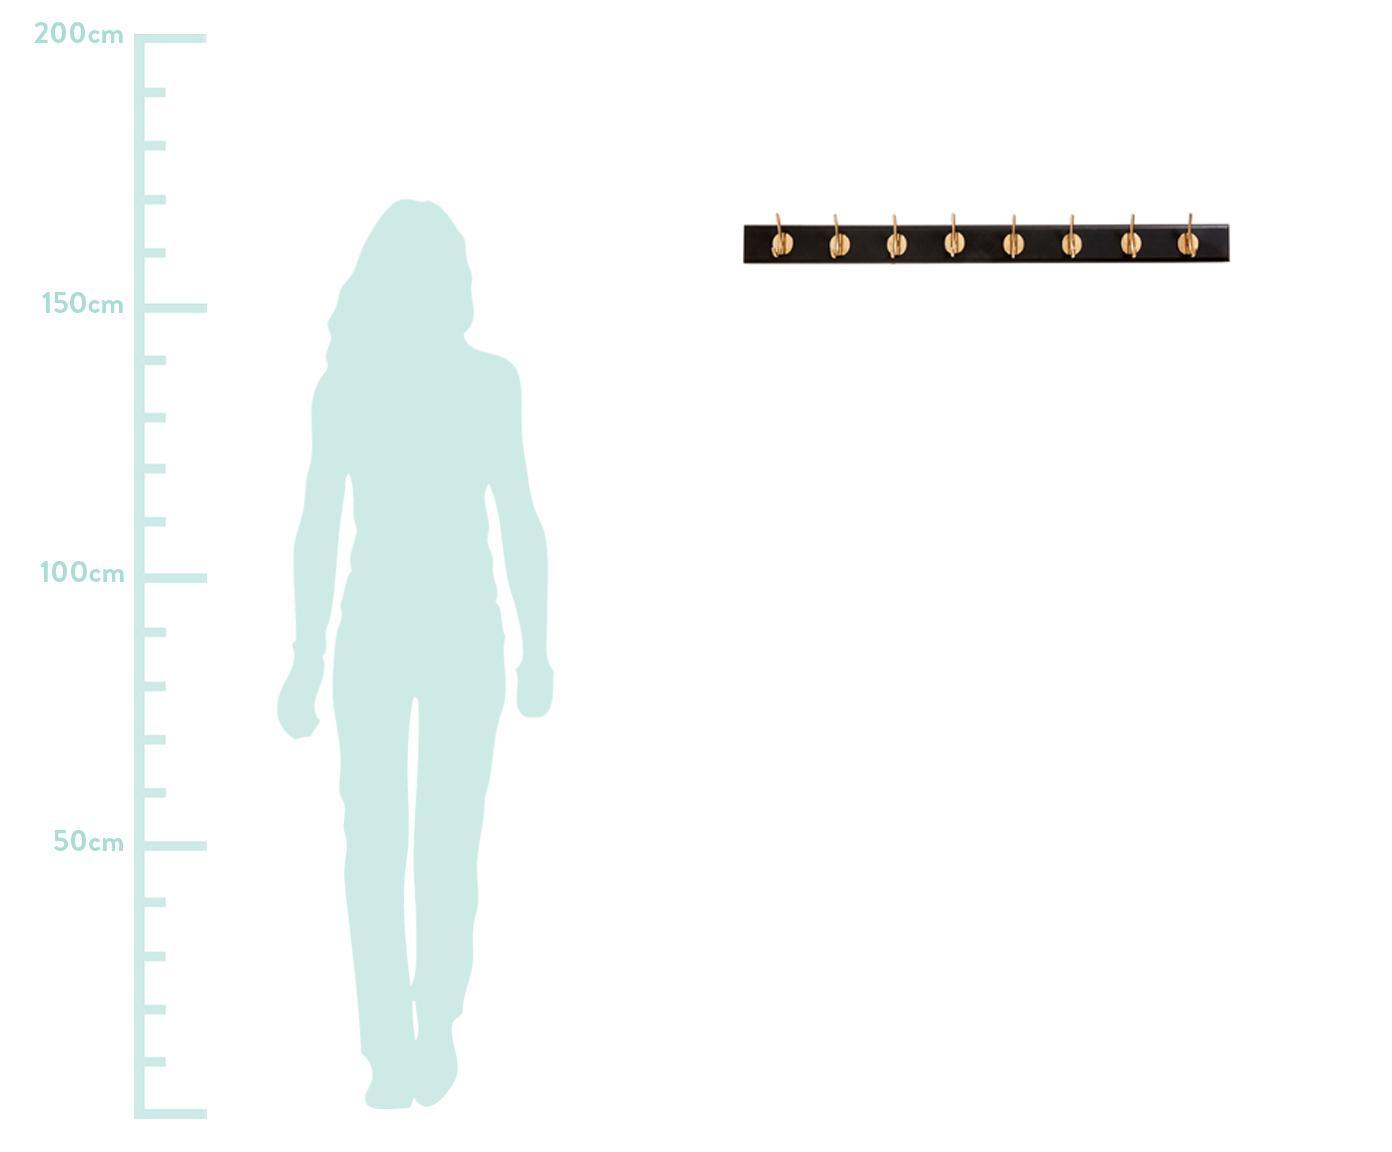 XL Garderobenhaken Aoife mit Metall-Haken, Leiste: Mitteldichte Holzfaserpla, Haken: Messing, Schwarz, 90 x 7 cm